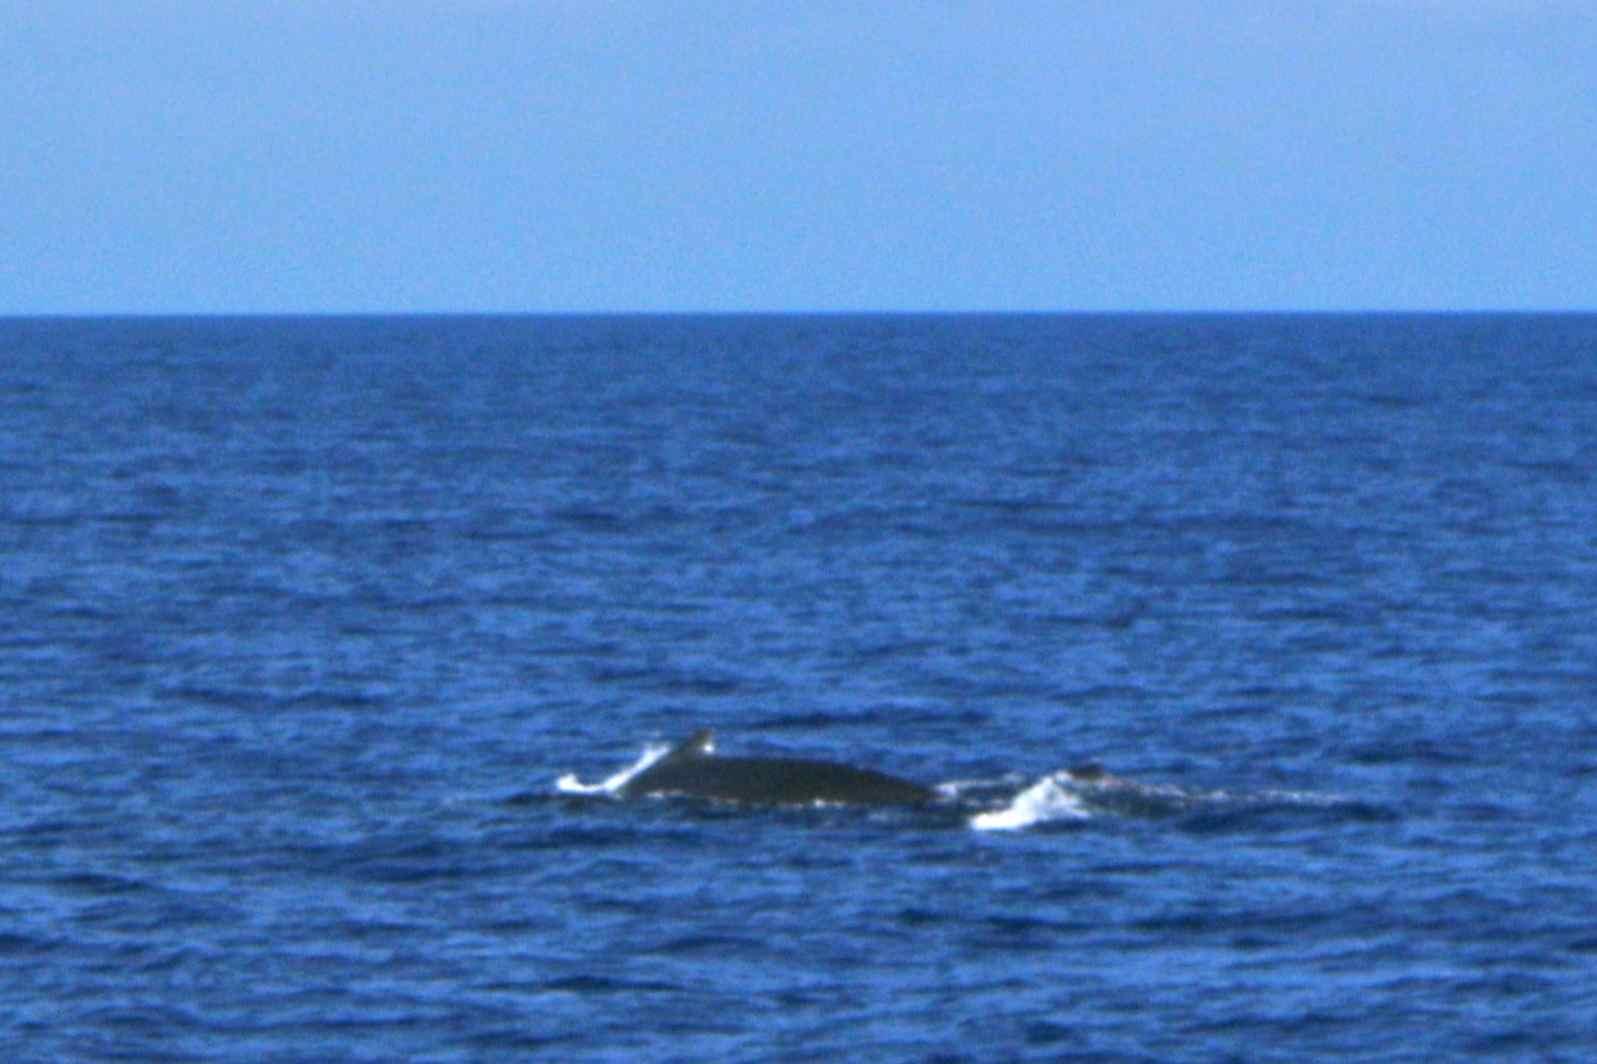 Denn im Sommer vor Hawaii gibt es für die Wale mit ihrem großen ...